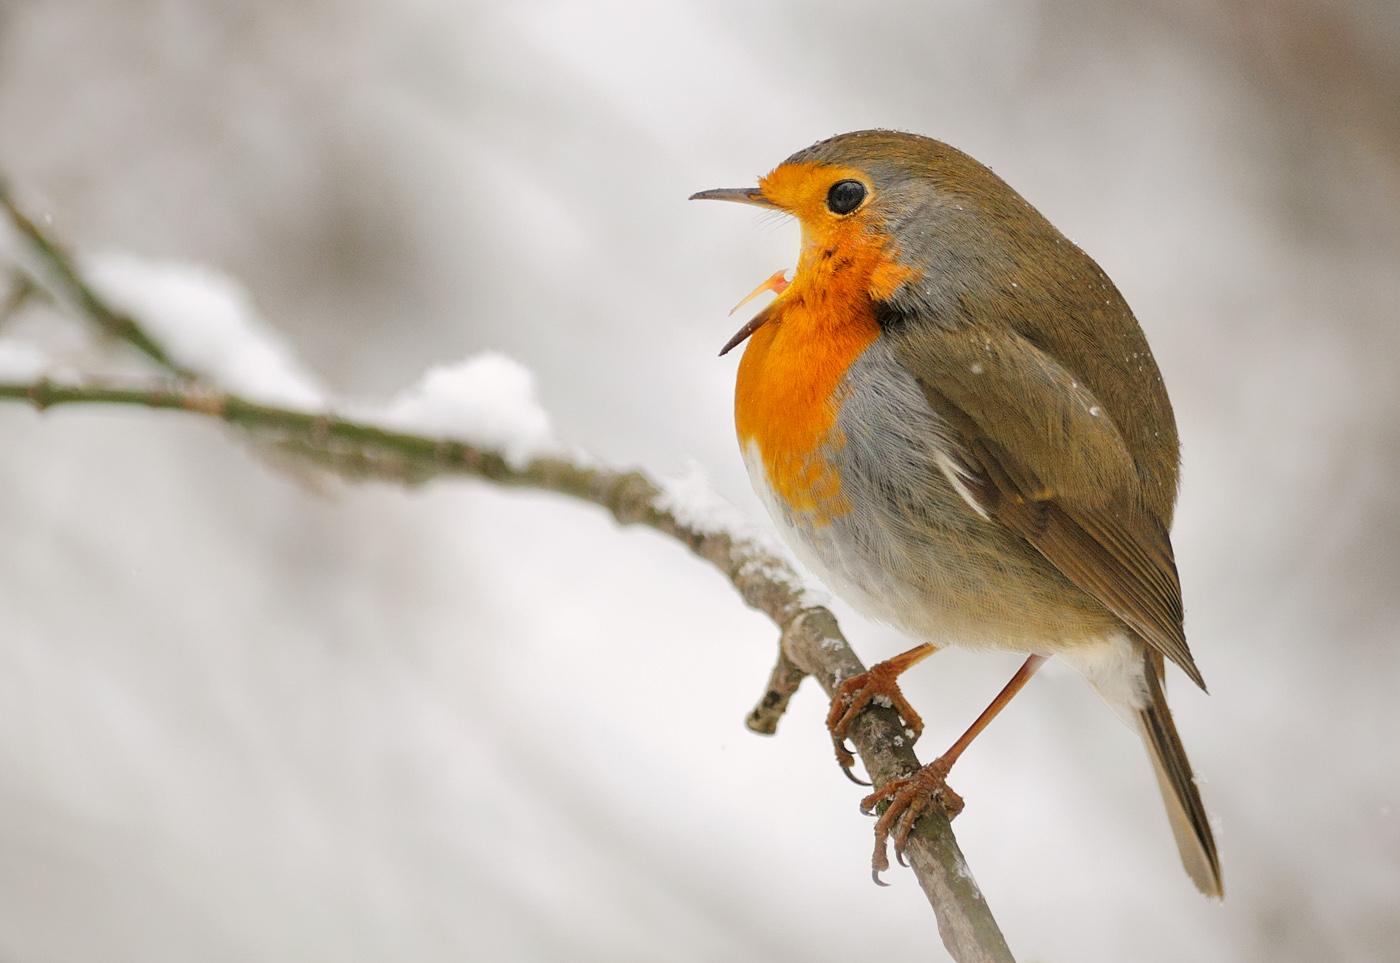 A vörösbegy fő tápláléka rovarok és csigák, de a tél beköszöntével bogyókra és gyümölcsökre váltanak. (fotó: Potyó Imre)